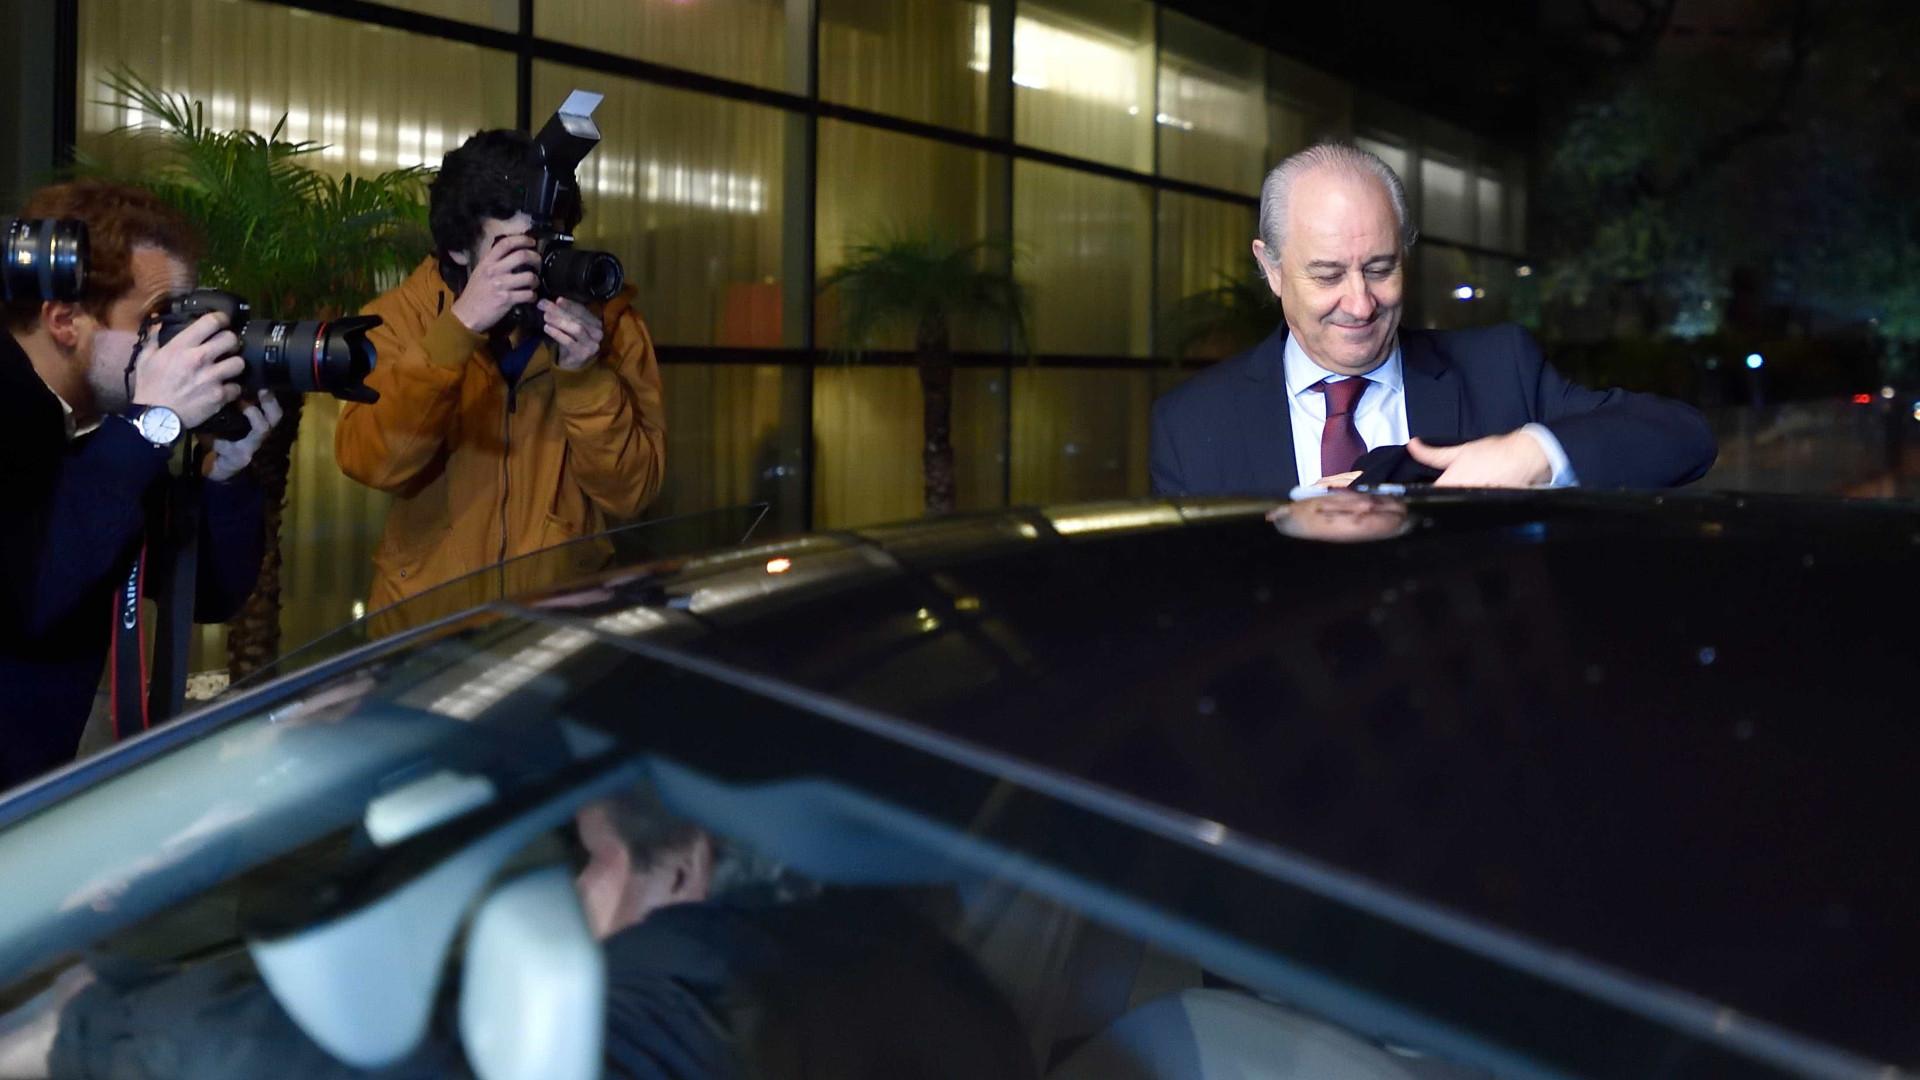 PSD: Rui Rio, o ex-autarca austero que chegou líder do partido